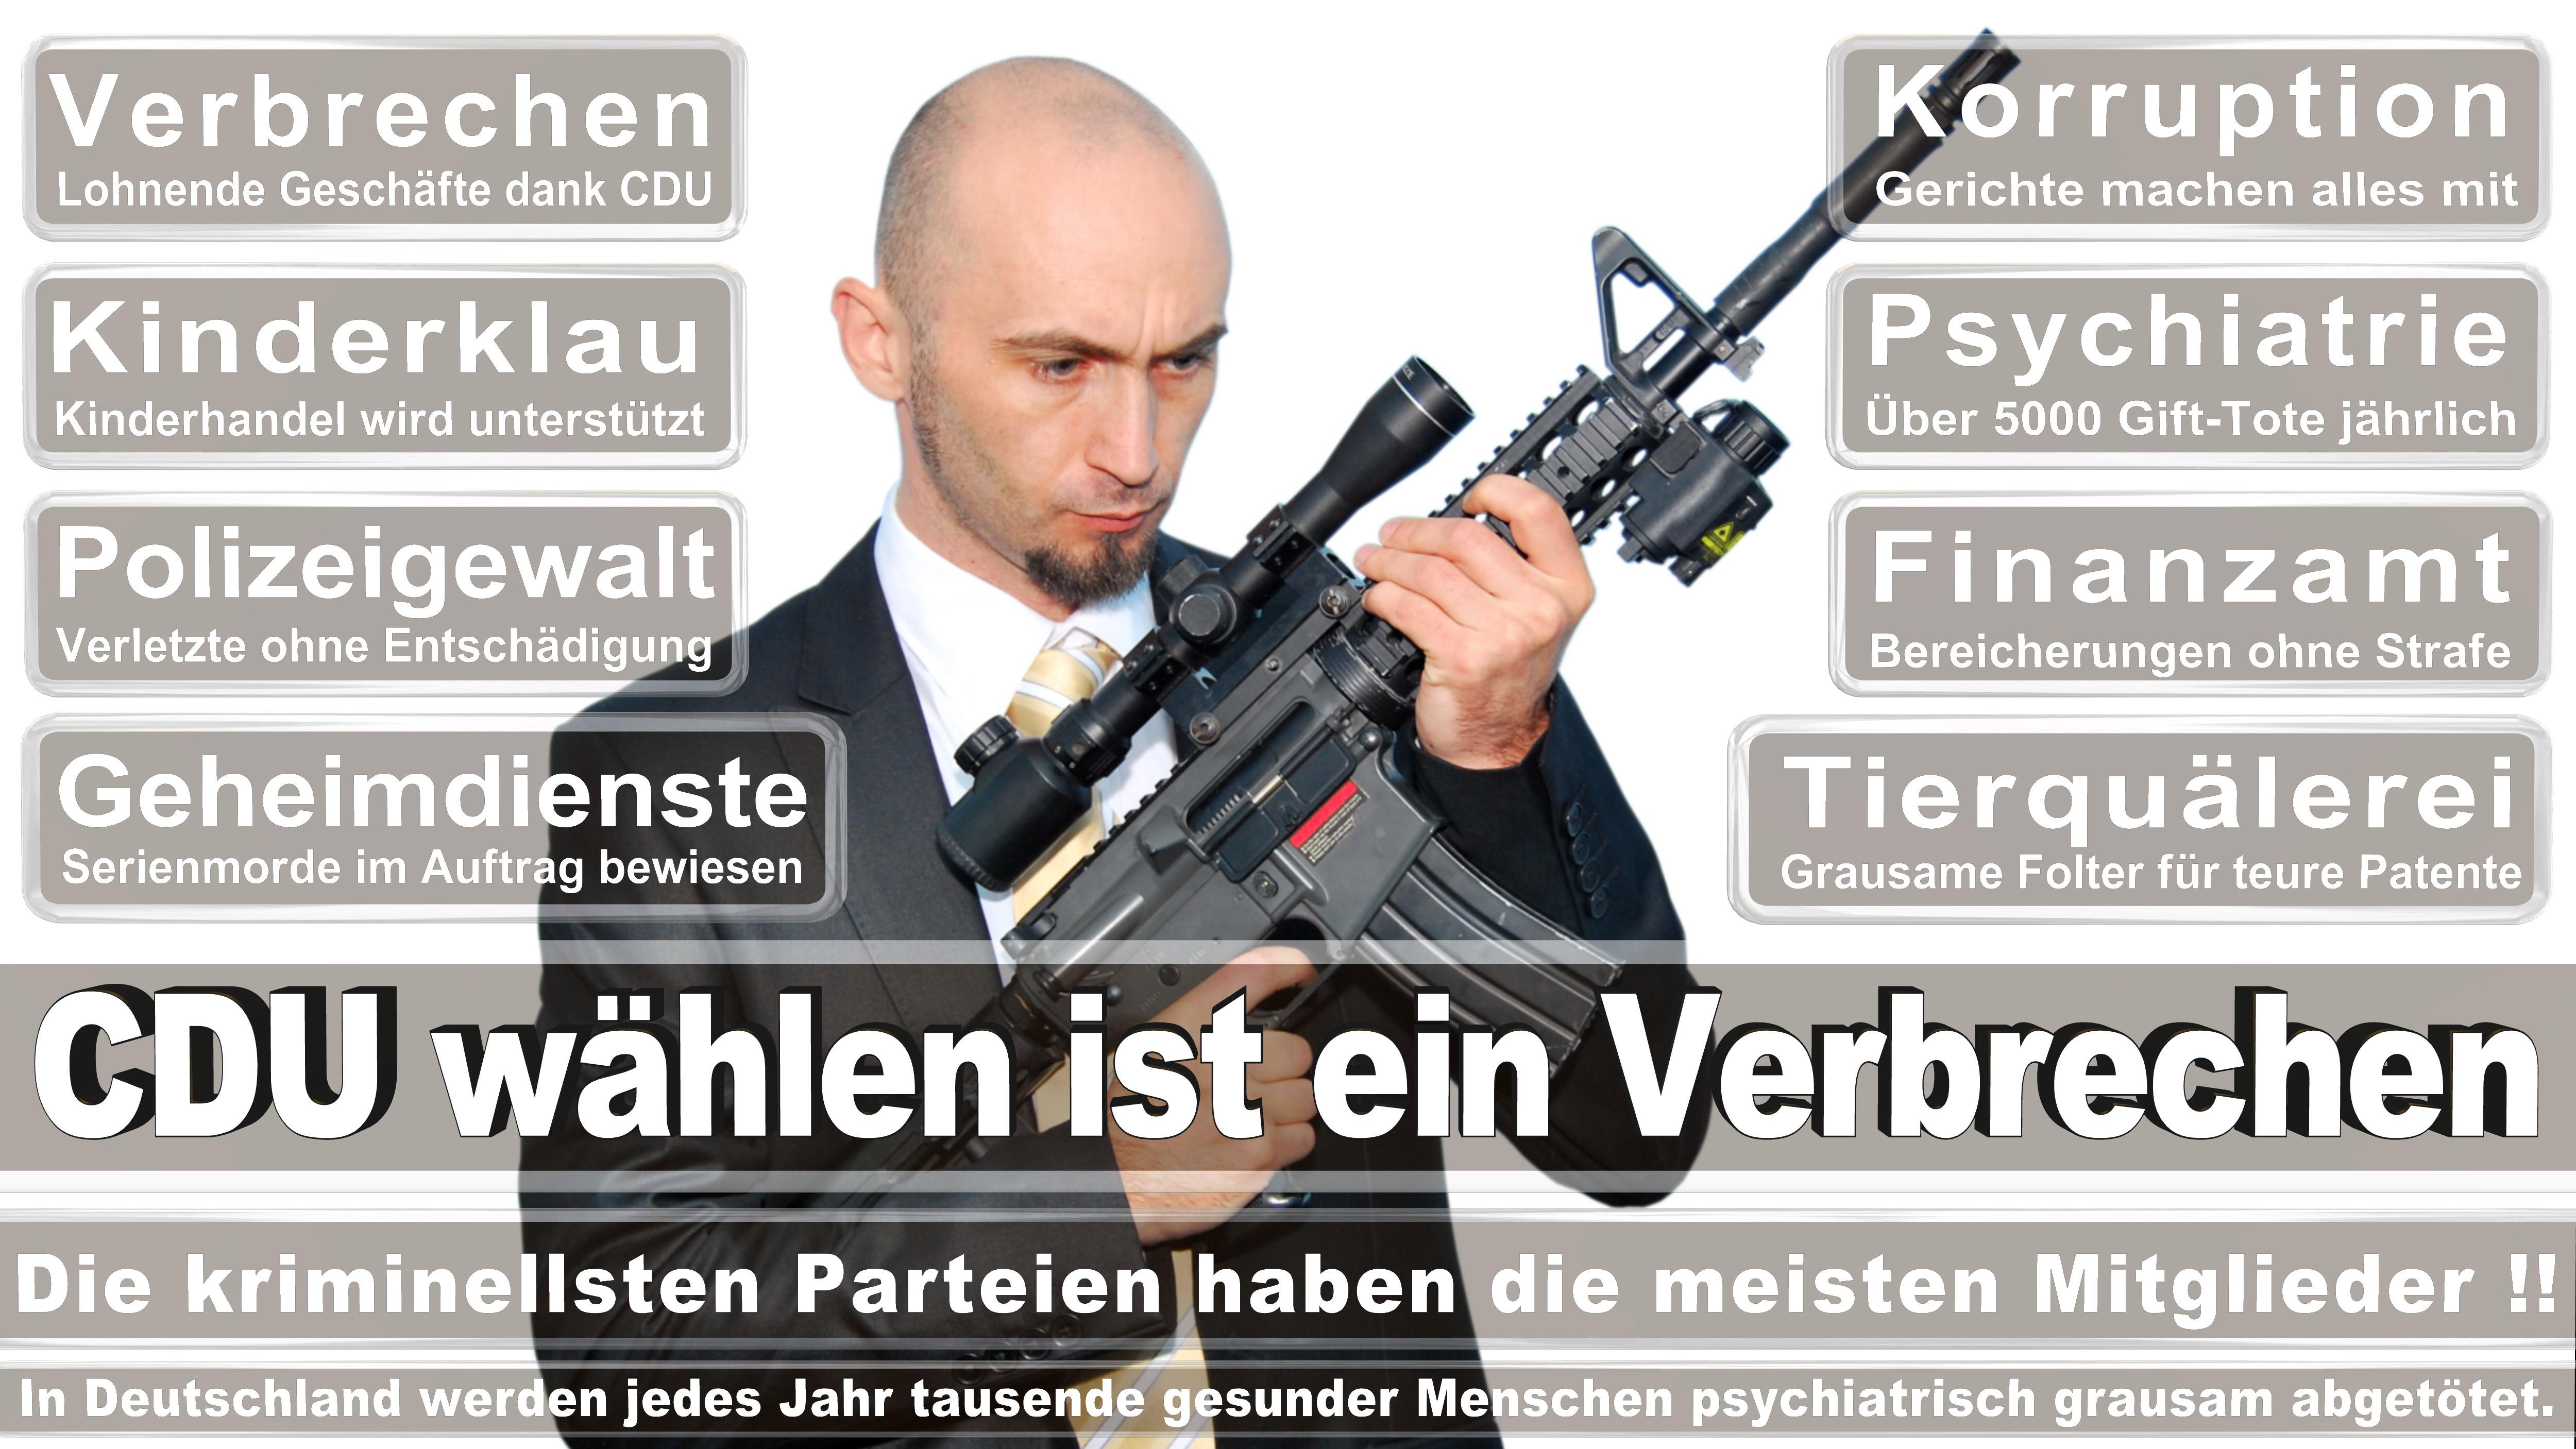 CDU, BIELEFELD, RATSMITGLIEDER, VORSTAND, ORTSVERBAND, MITGLIEDER (69)